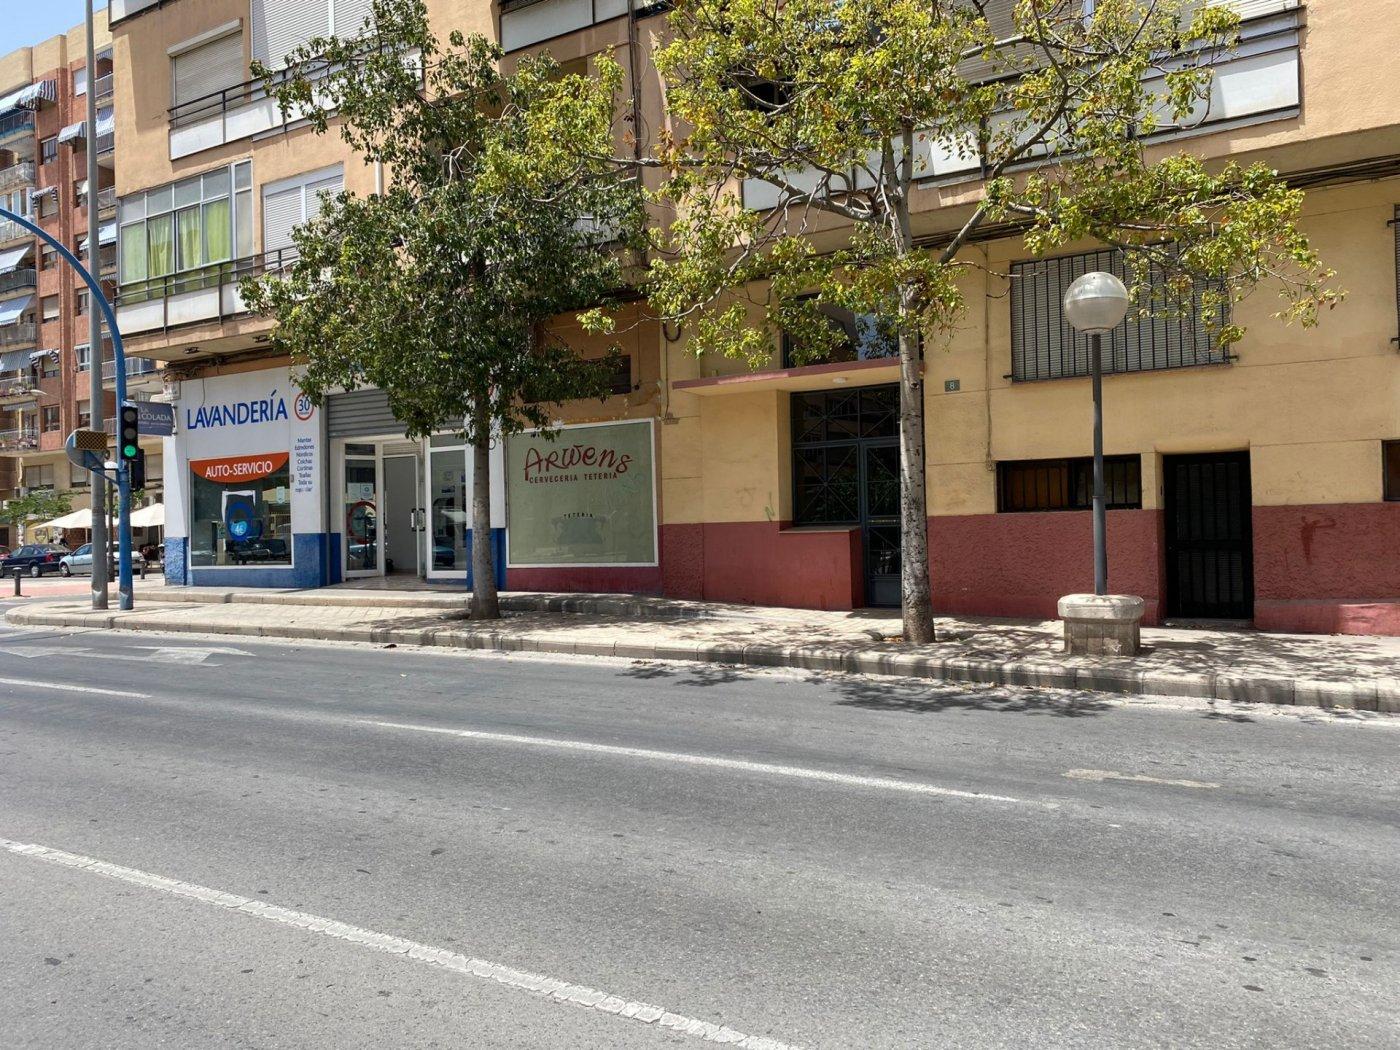 Local en avenida gran via - imagenInmueble1